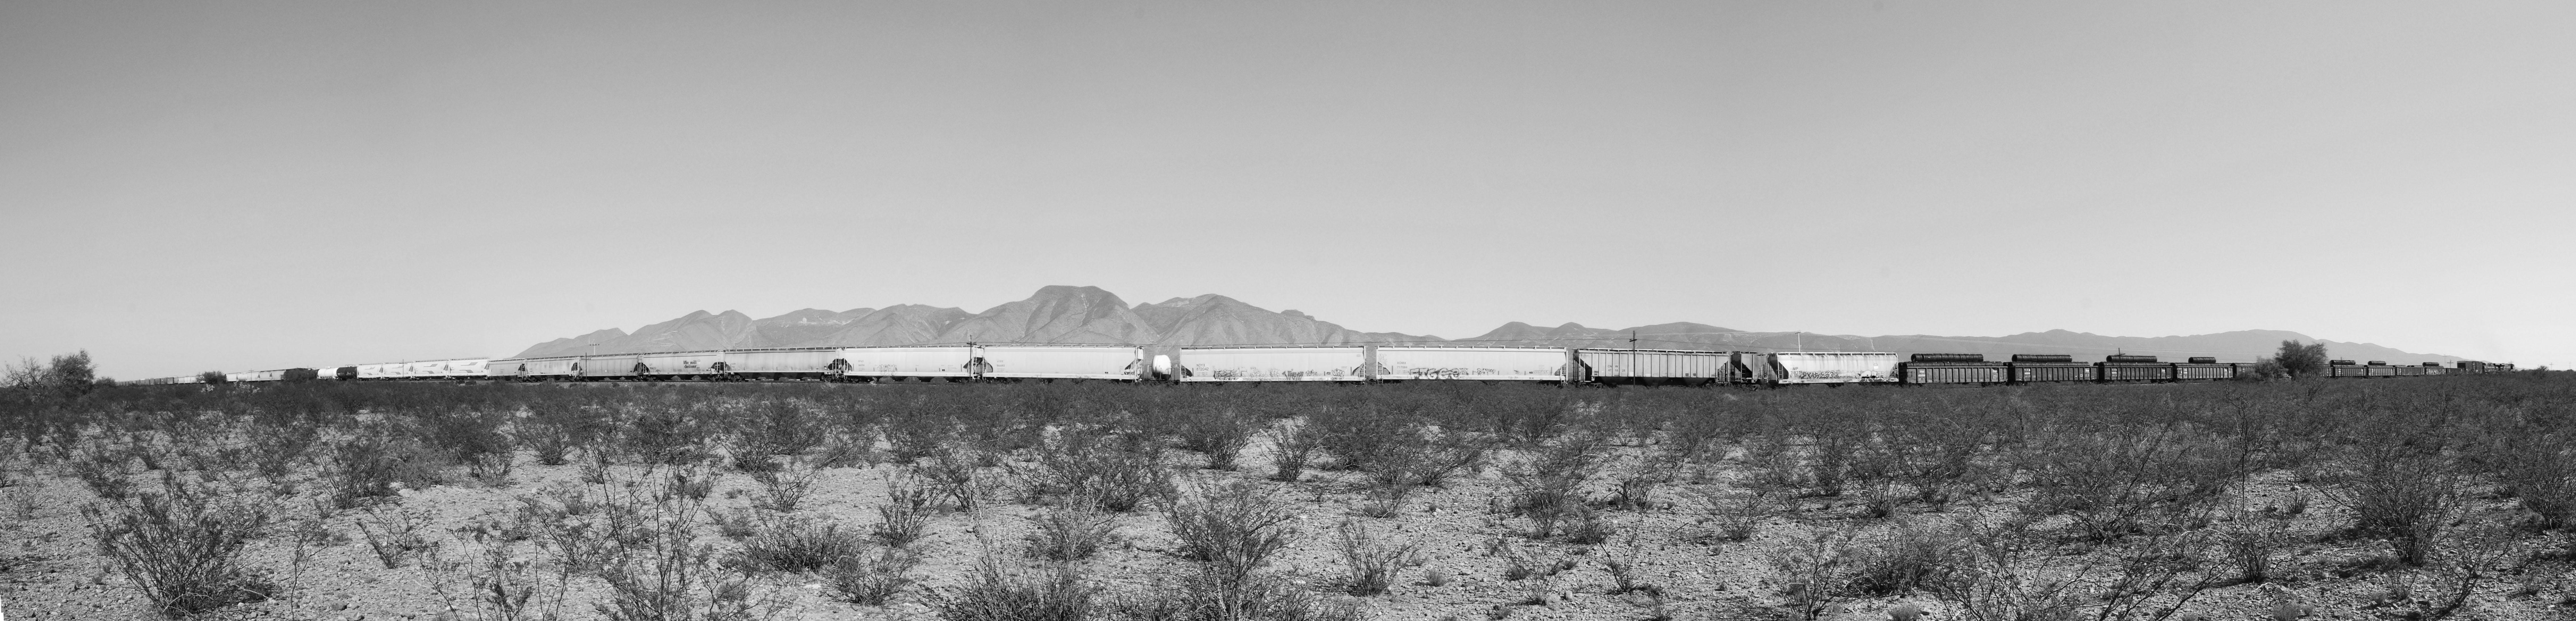 Sans Desert, 2009